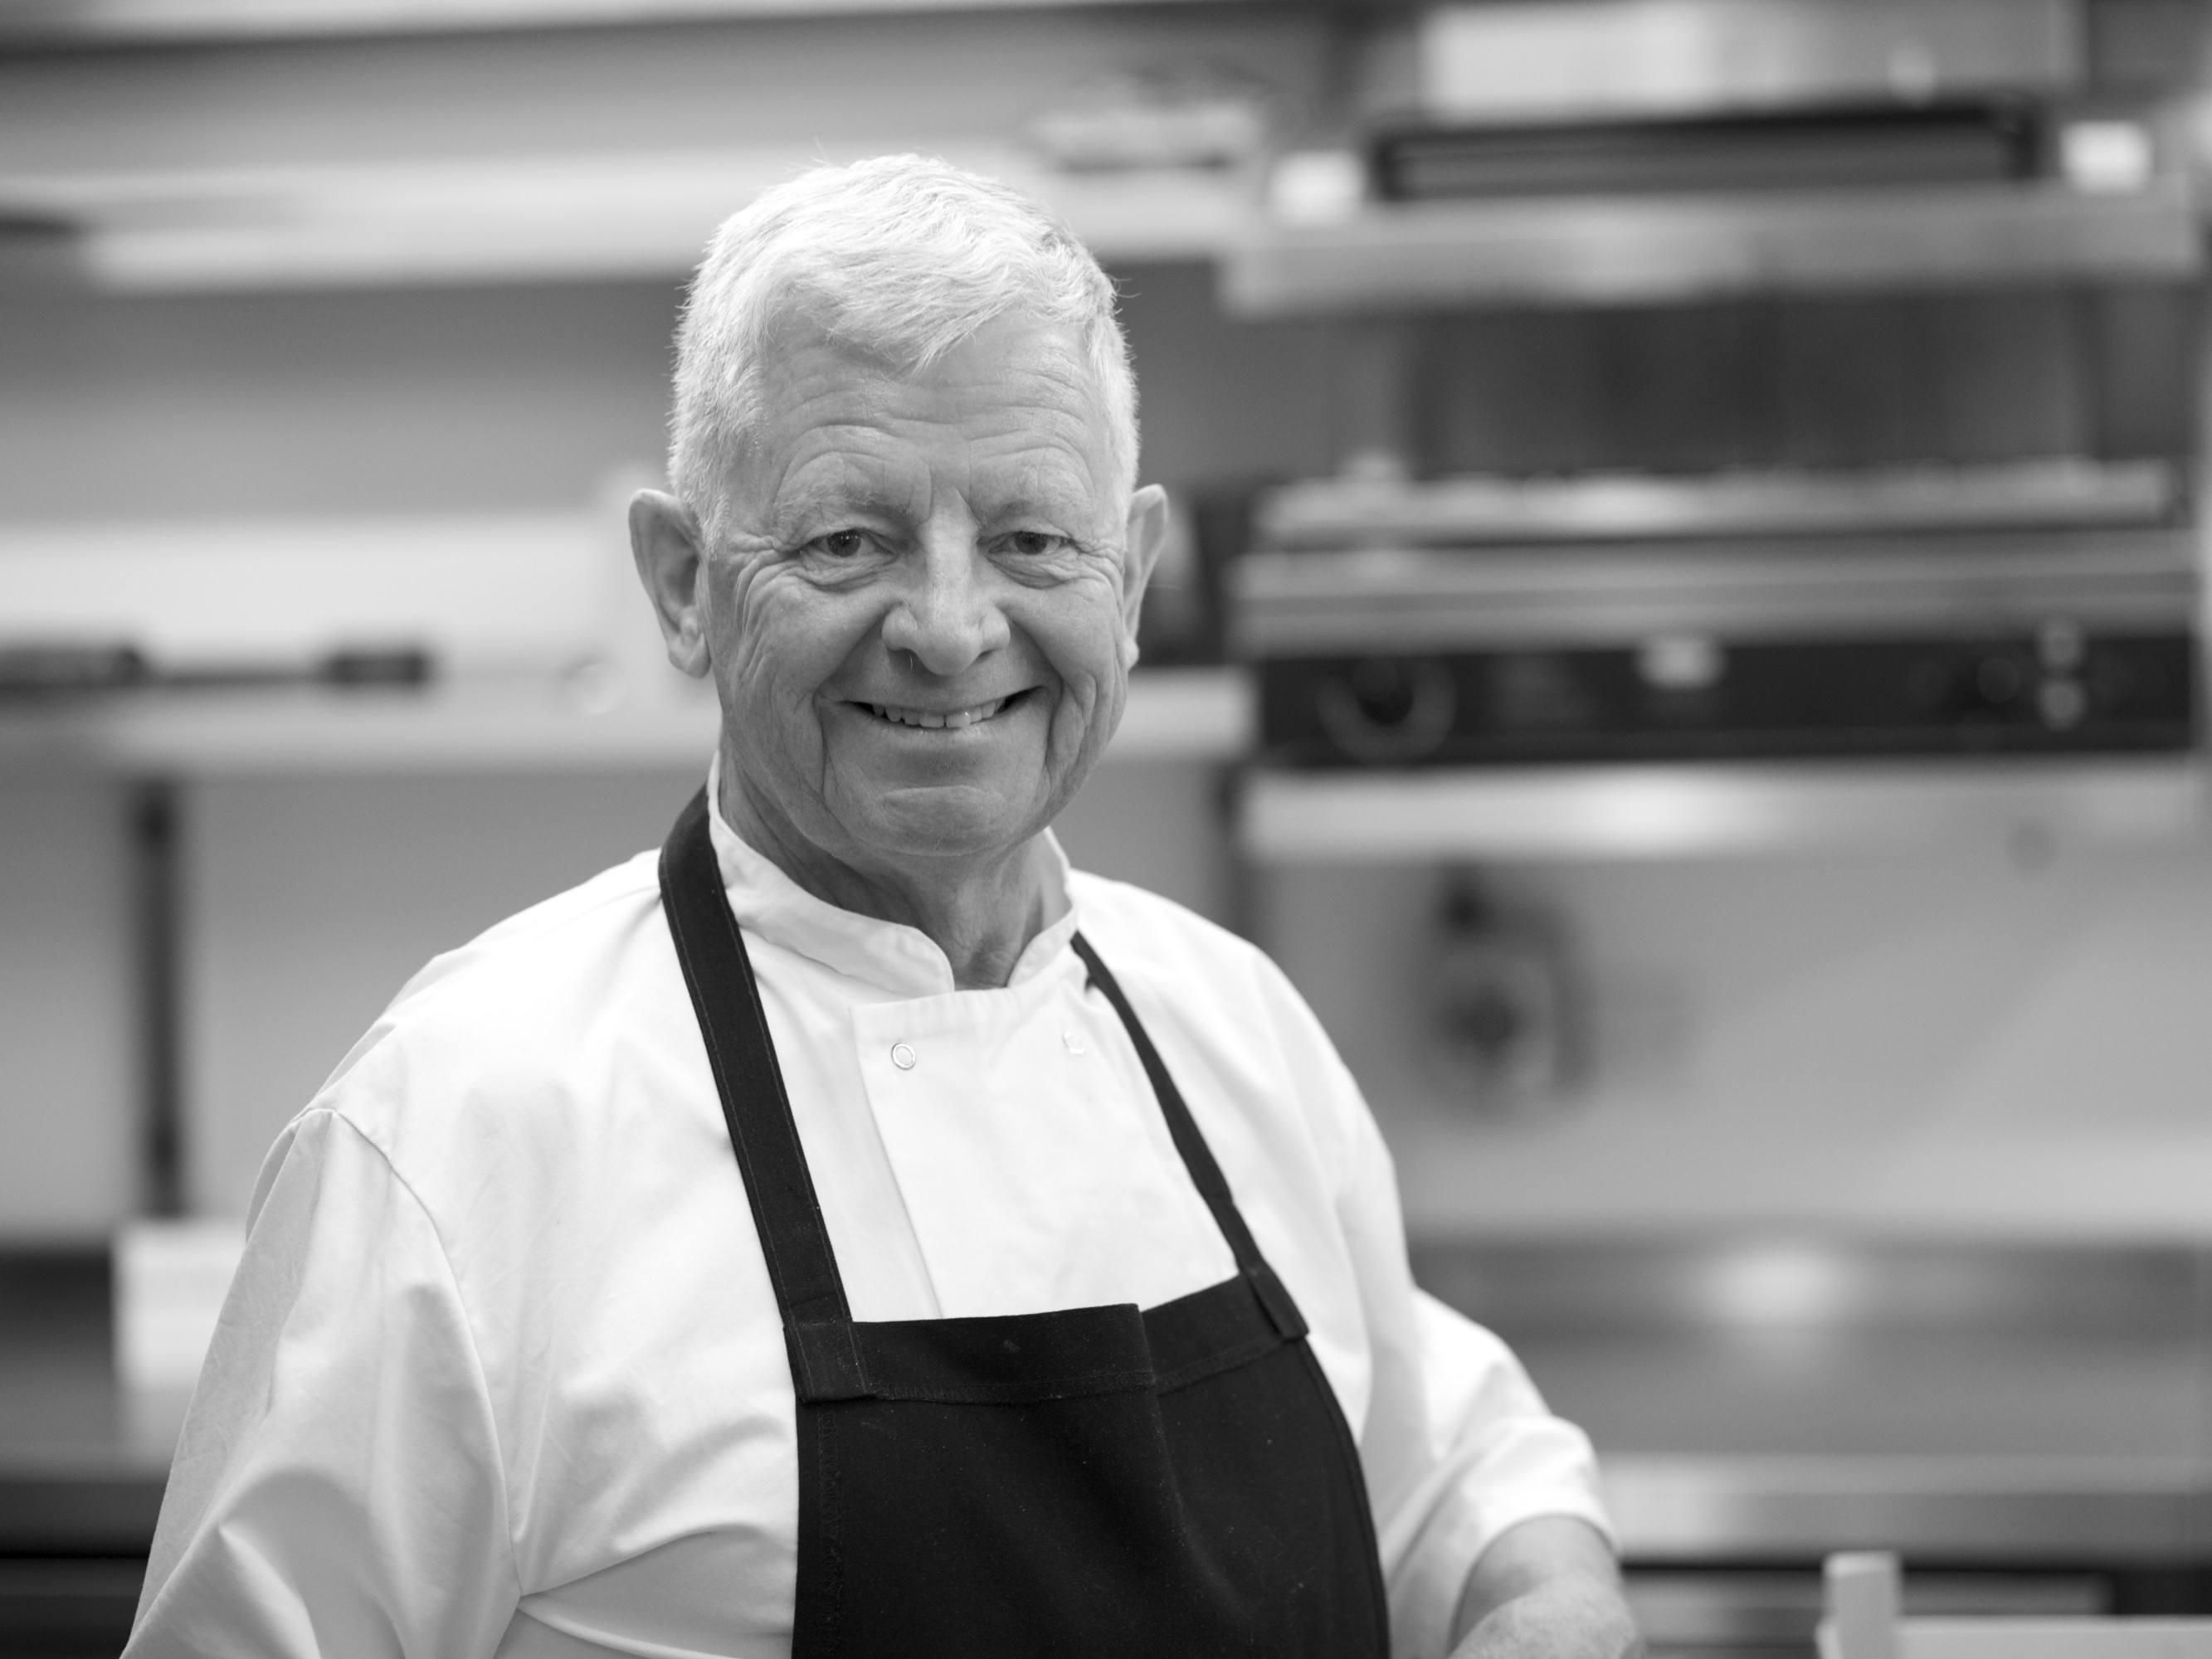 Chef Mick Ferguson at The Royal Oak Swallowcliffe